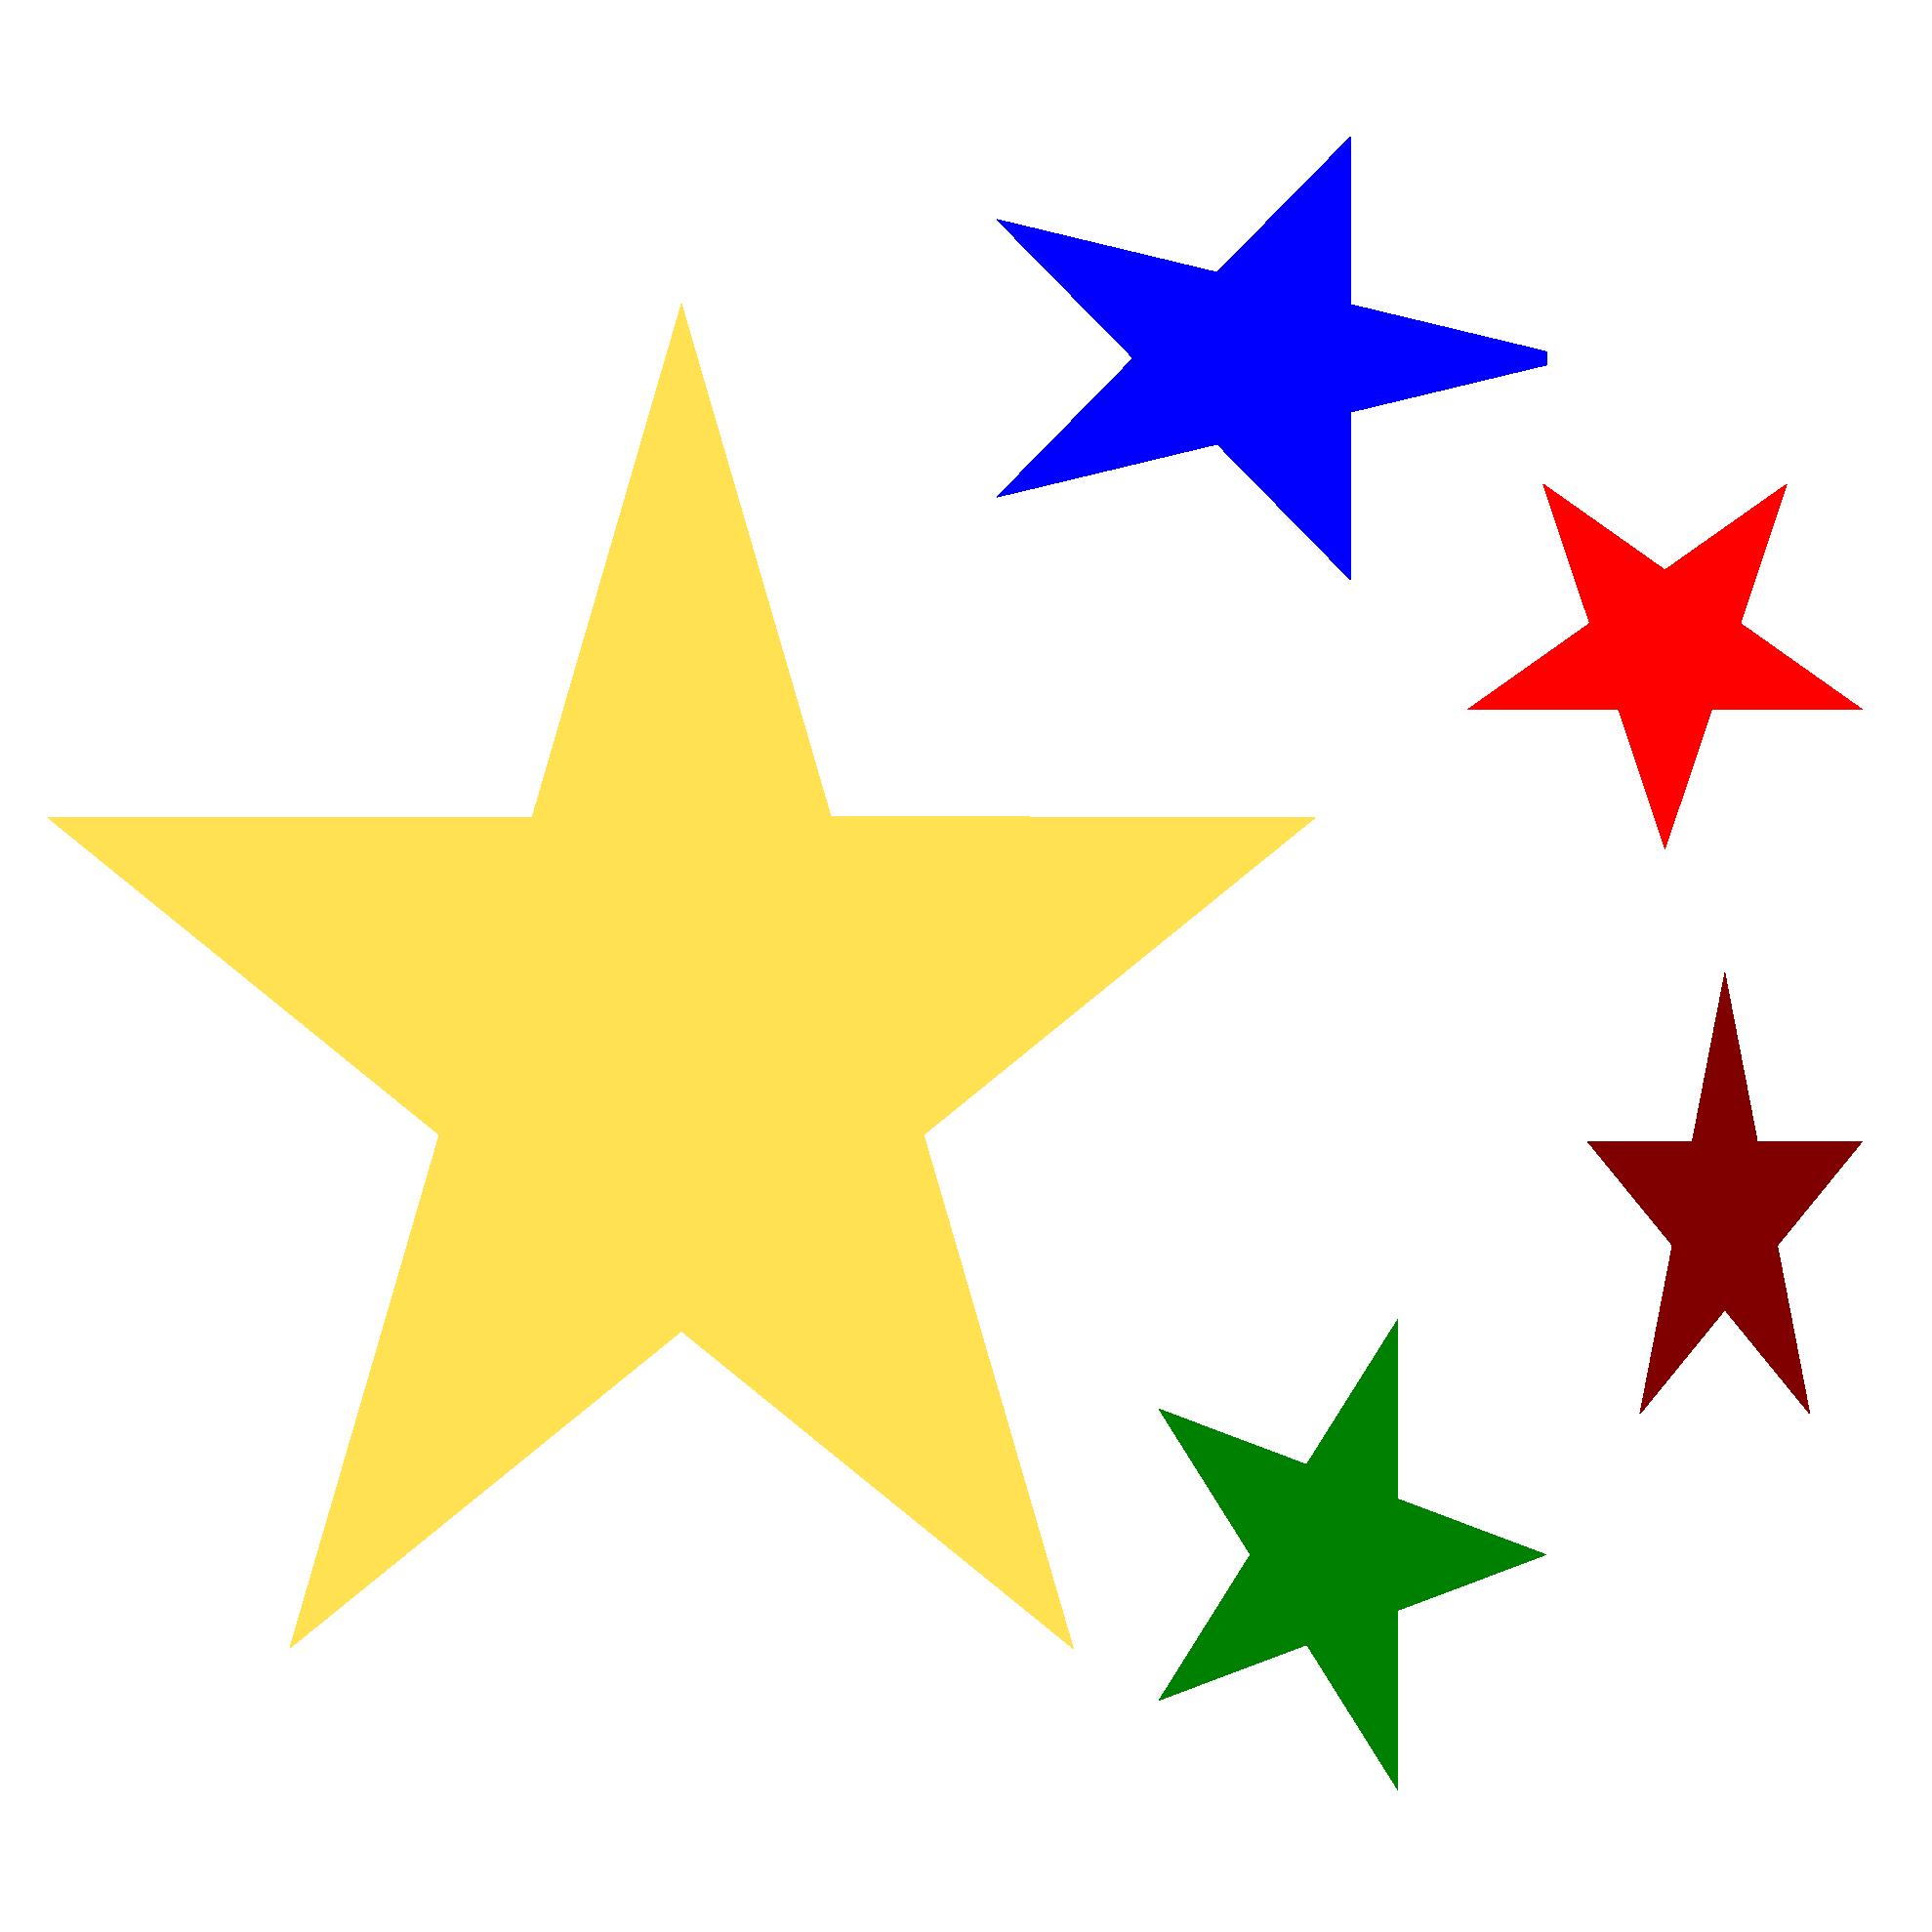 Kindergarten clipart star. Christmas clip art outline